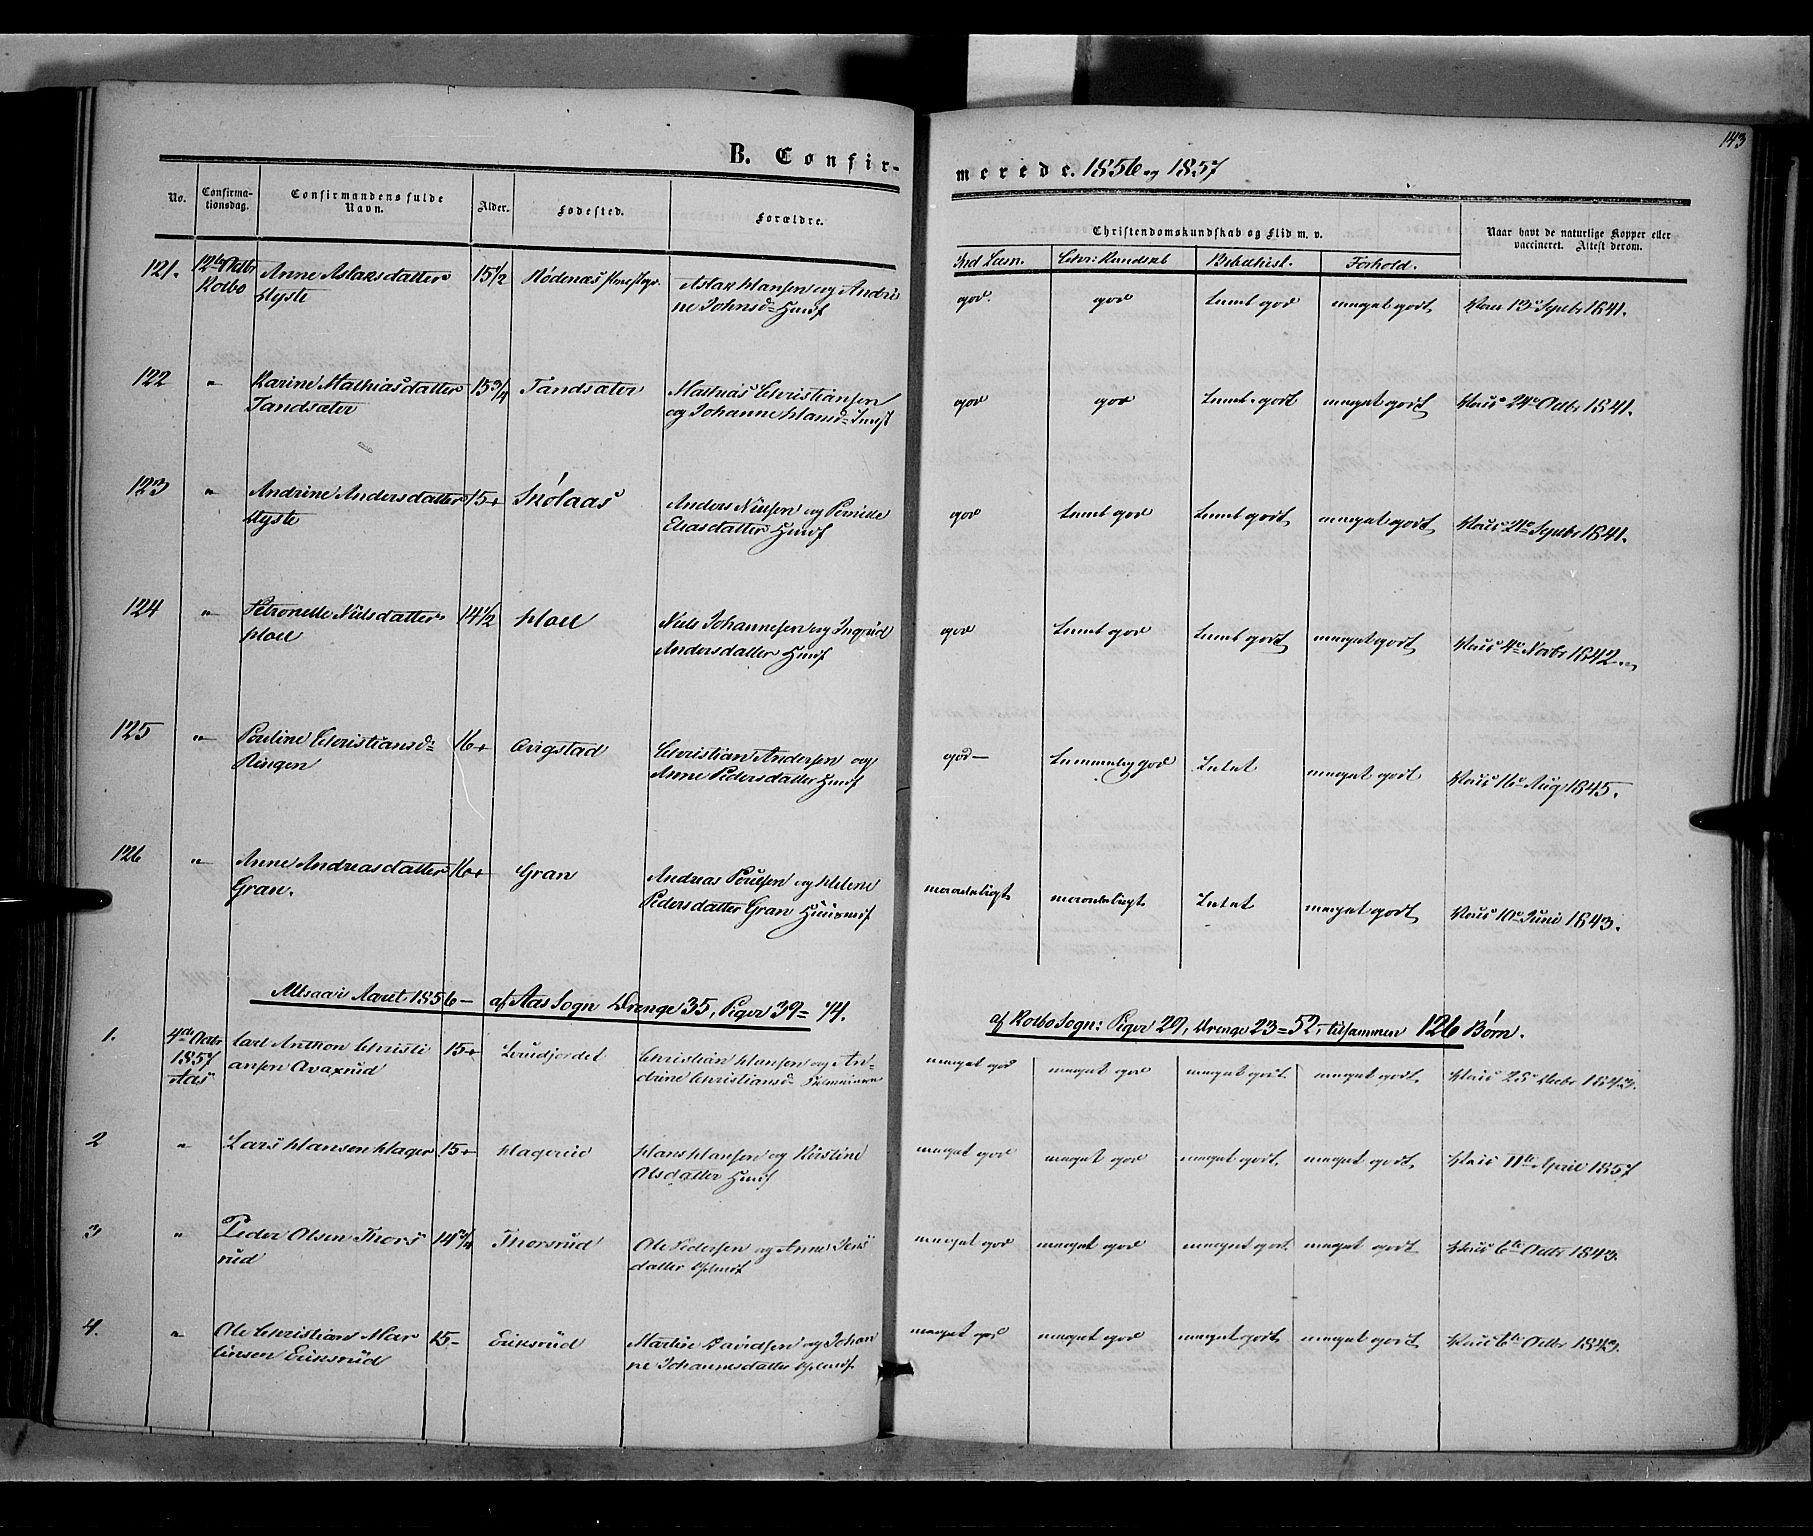 SAH, Vestre Toten prestekontor, Ministerialbok nr. 6, 1856-1861, s. 143